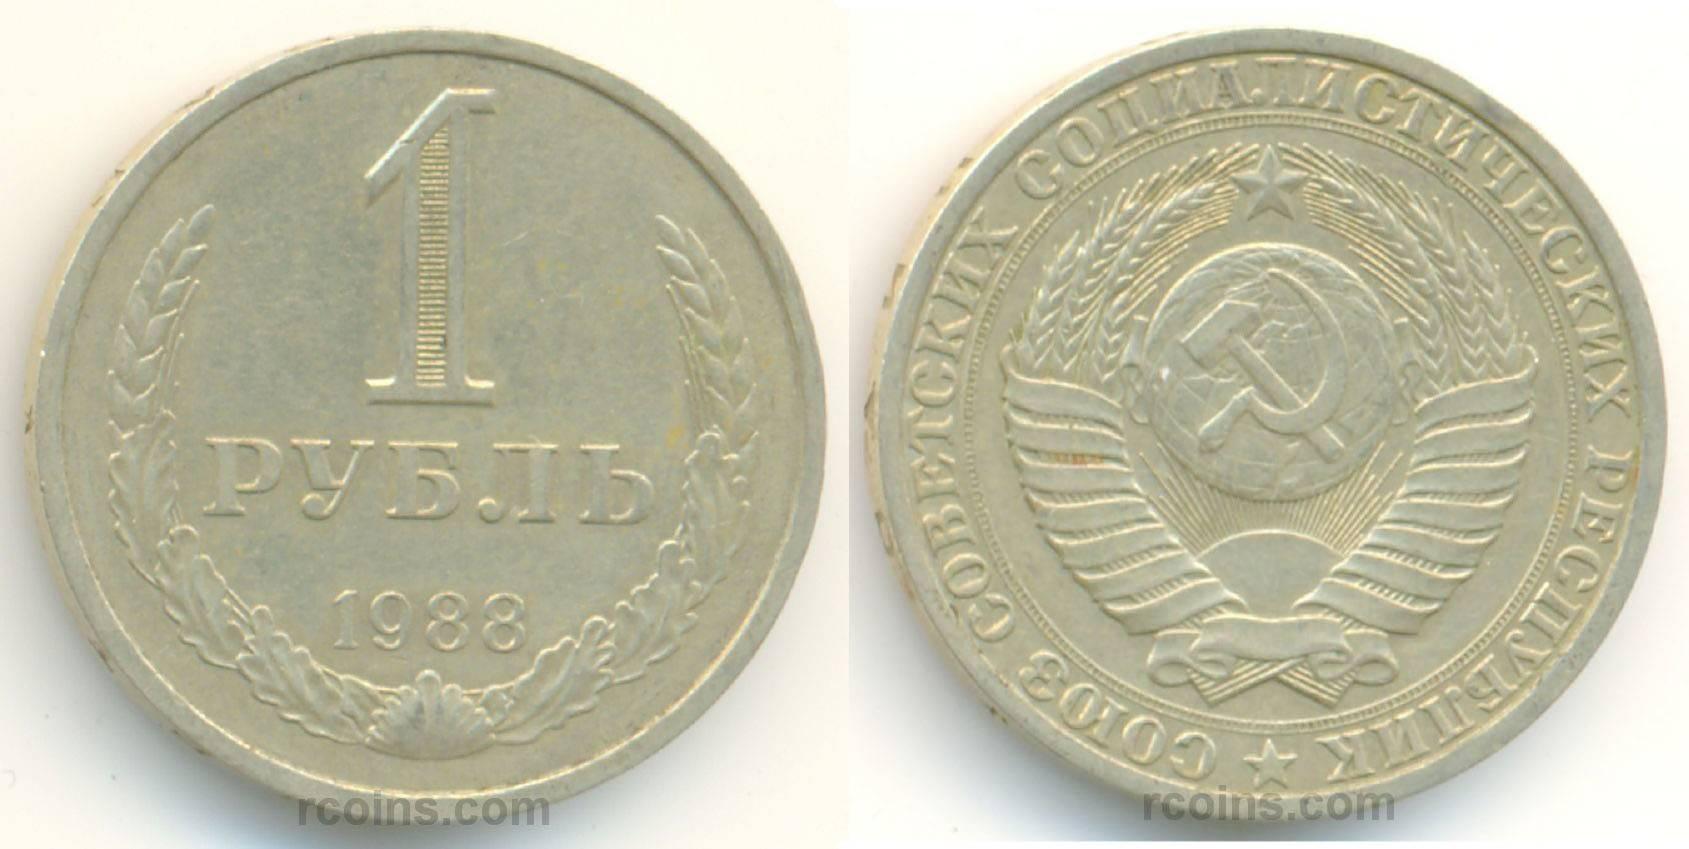 a1-rubl-1988.jpg